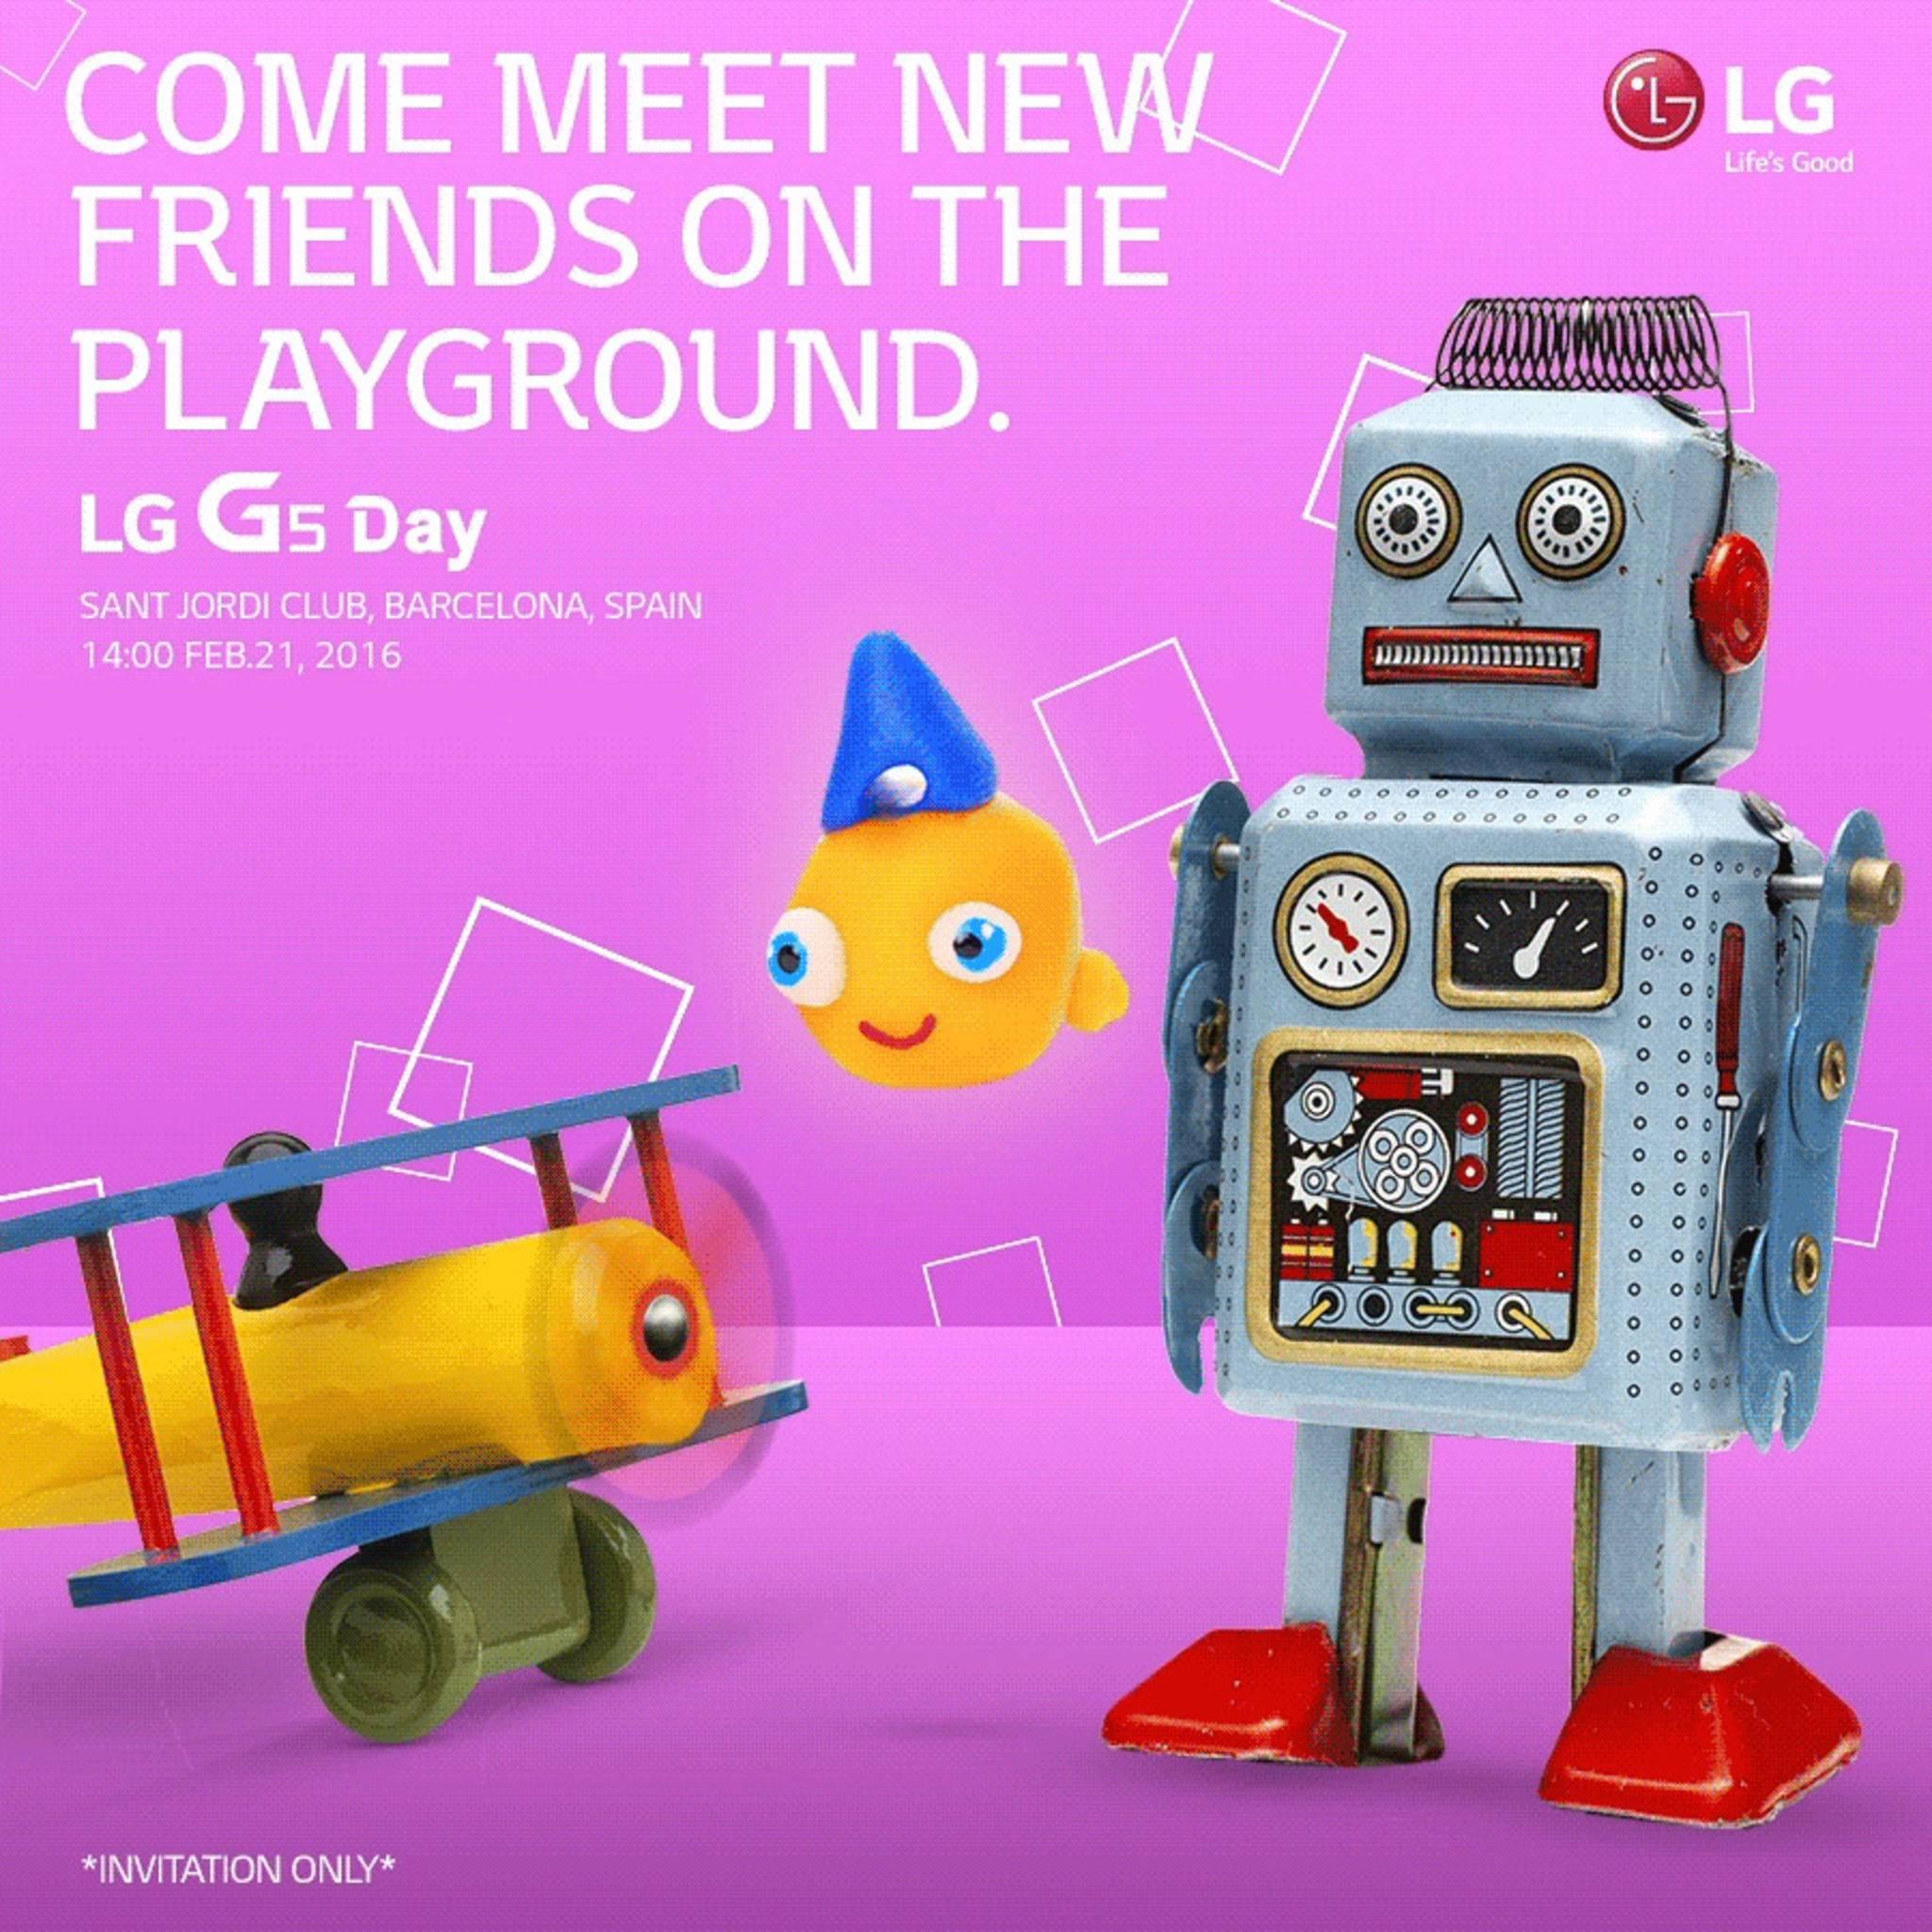 Am 21. Februar wird das neue Smartphone-Flaggschiff LG G5 offiziell enthüllt.